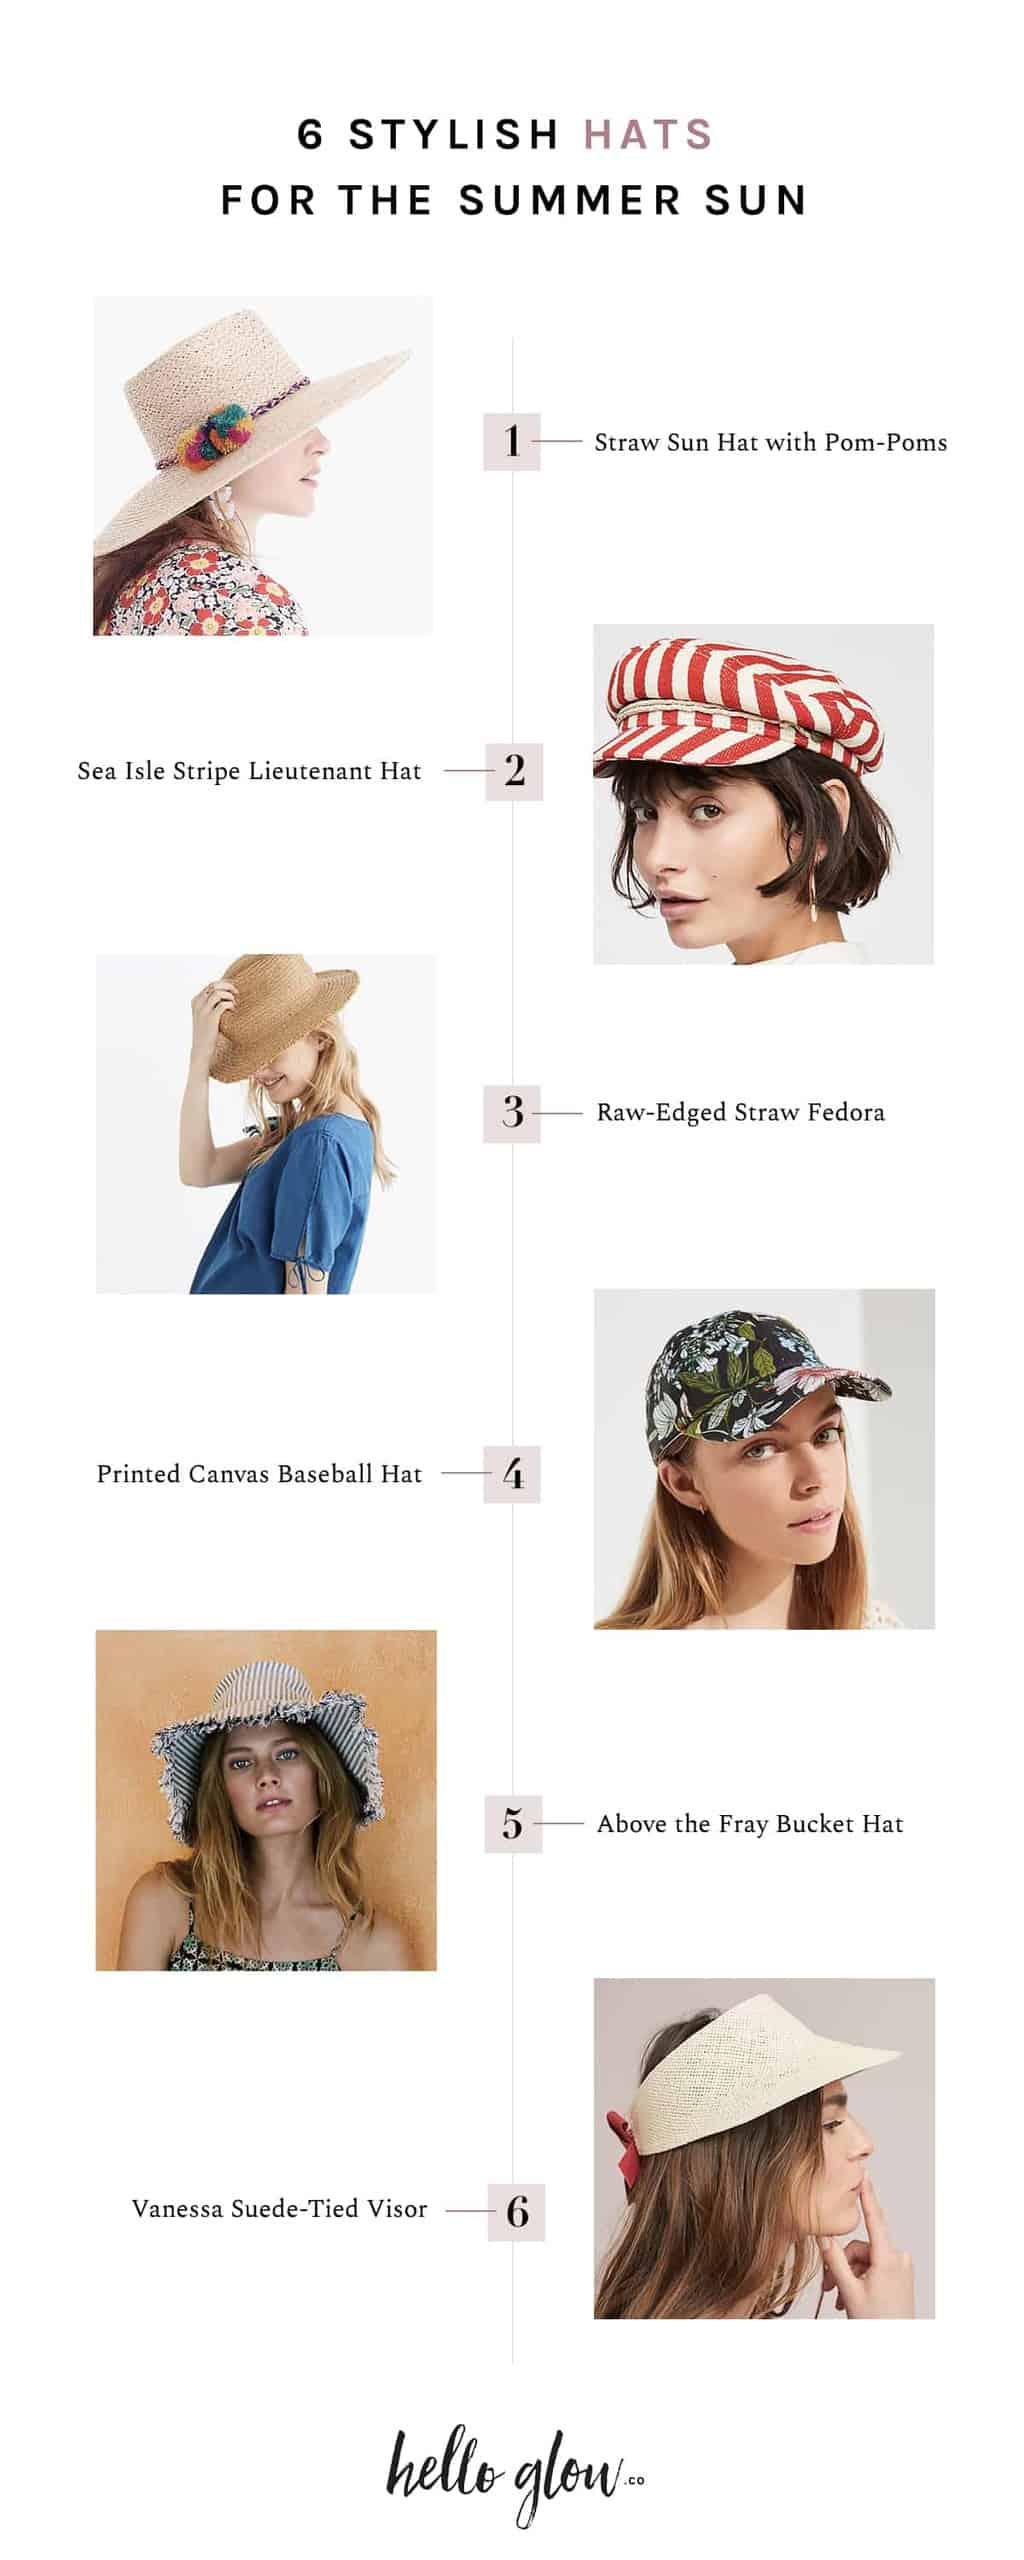 6 Stylish Hats for the Summer Sun